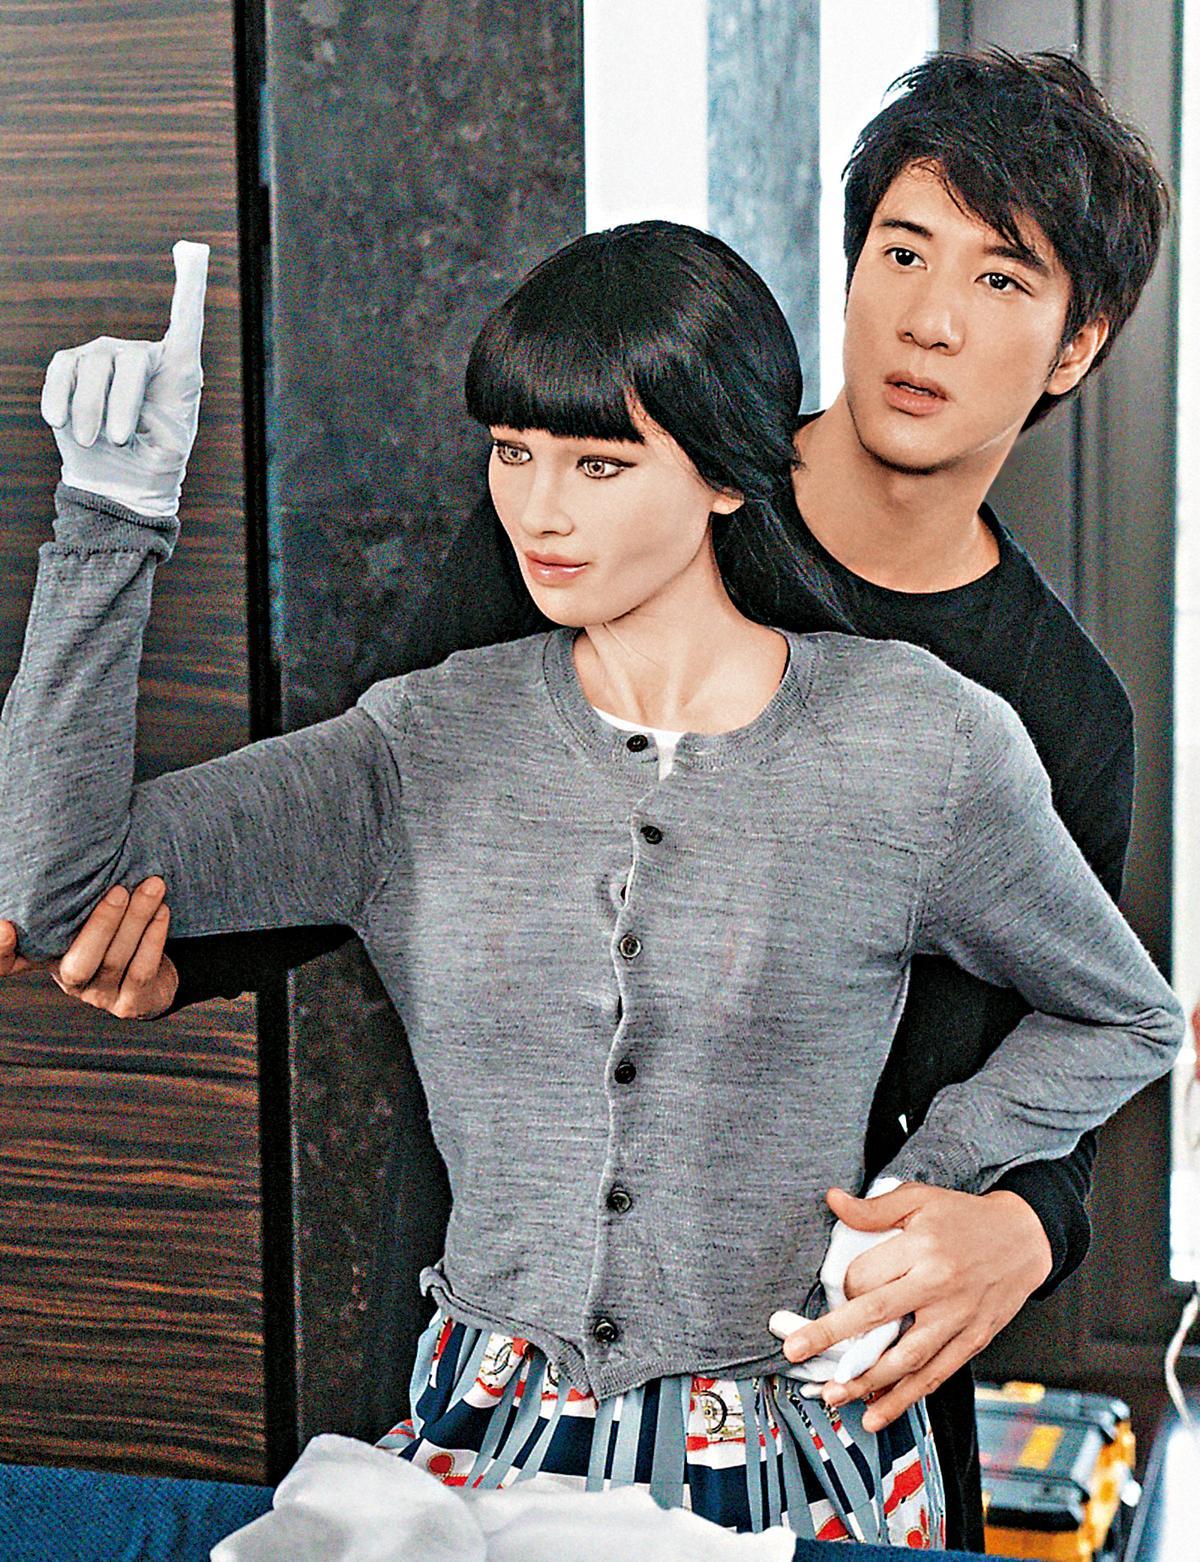 王力宏的新專輯主打歌〈A.I.愛〉,歌曲及MV都飽受批評,找來機器人對戲被說根本像充氣娃娃,連死忠歌迷都紛紛留言表示看不下去。(宏聲音樂提供)